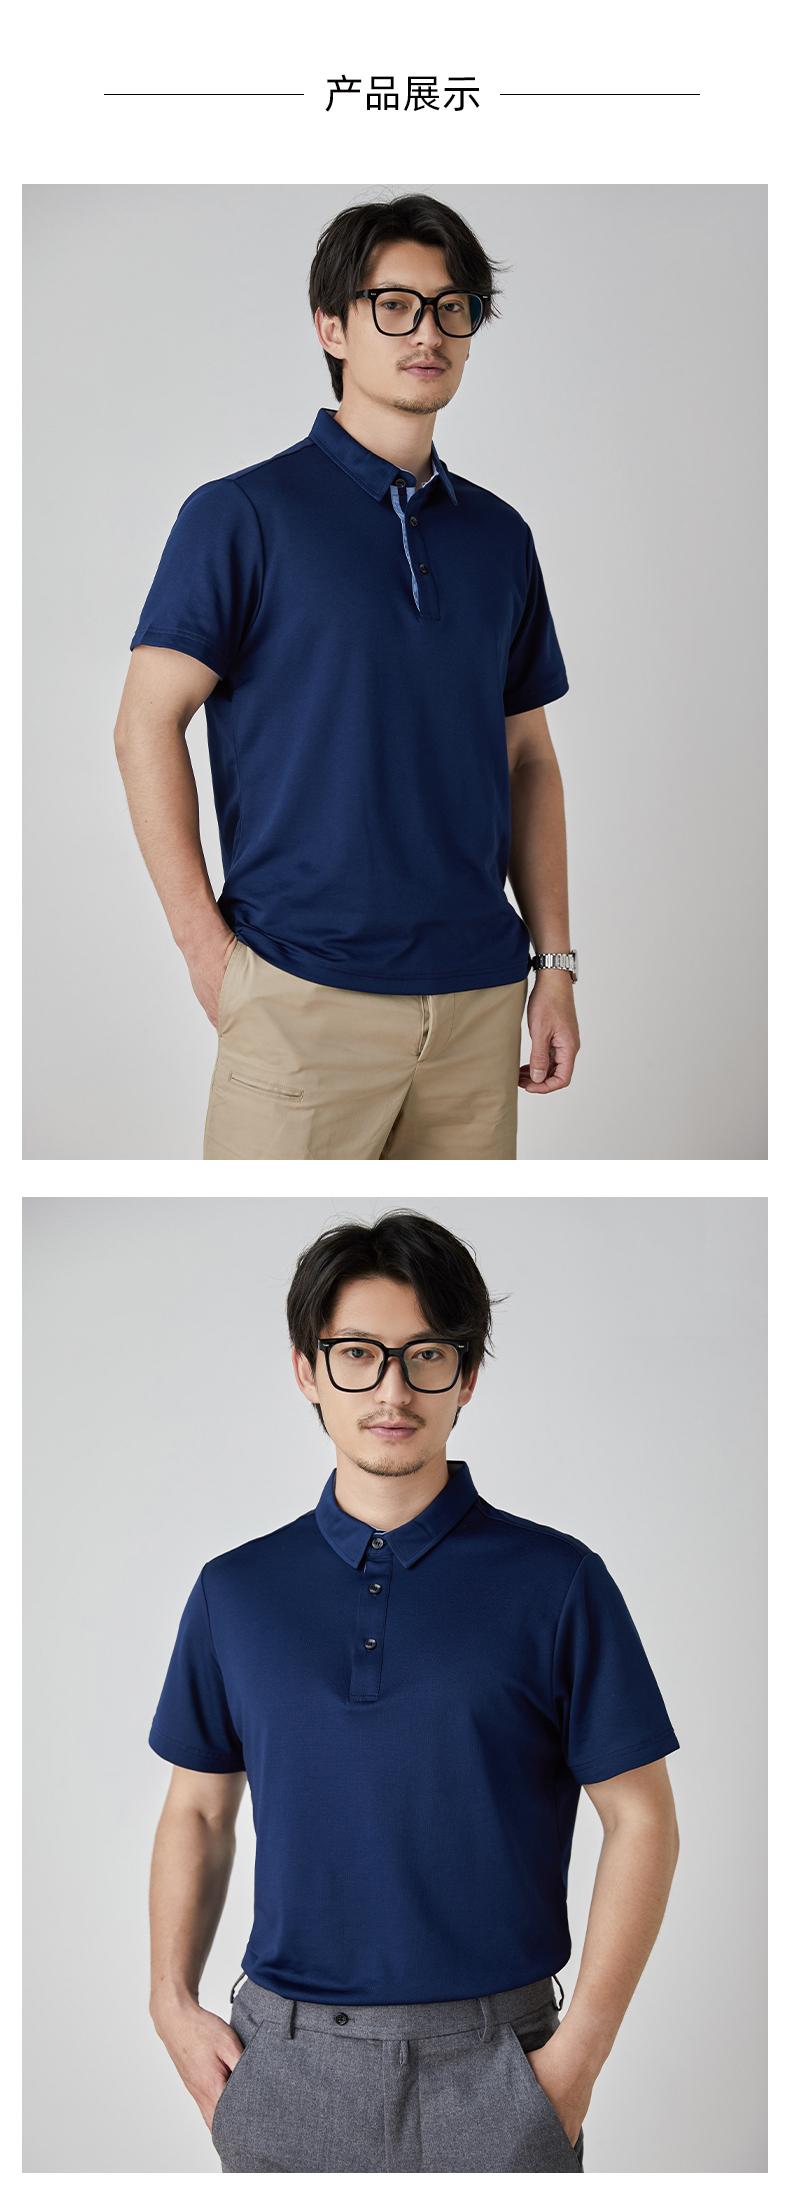 际华 部队供应商 男士POLO衫 60支长绒棉 图4